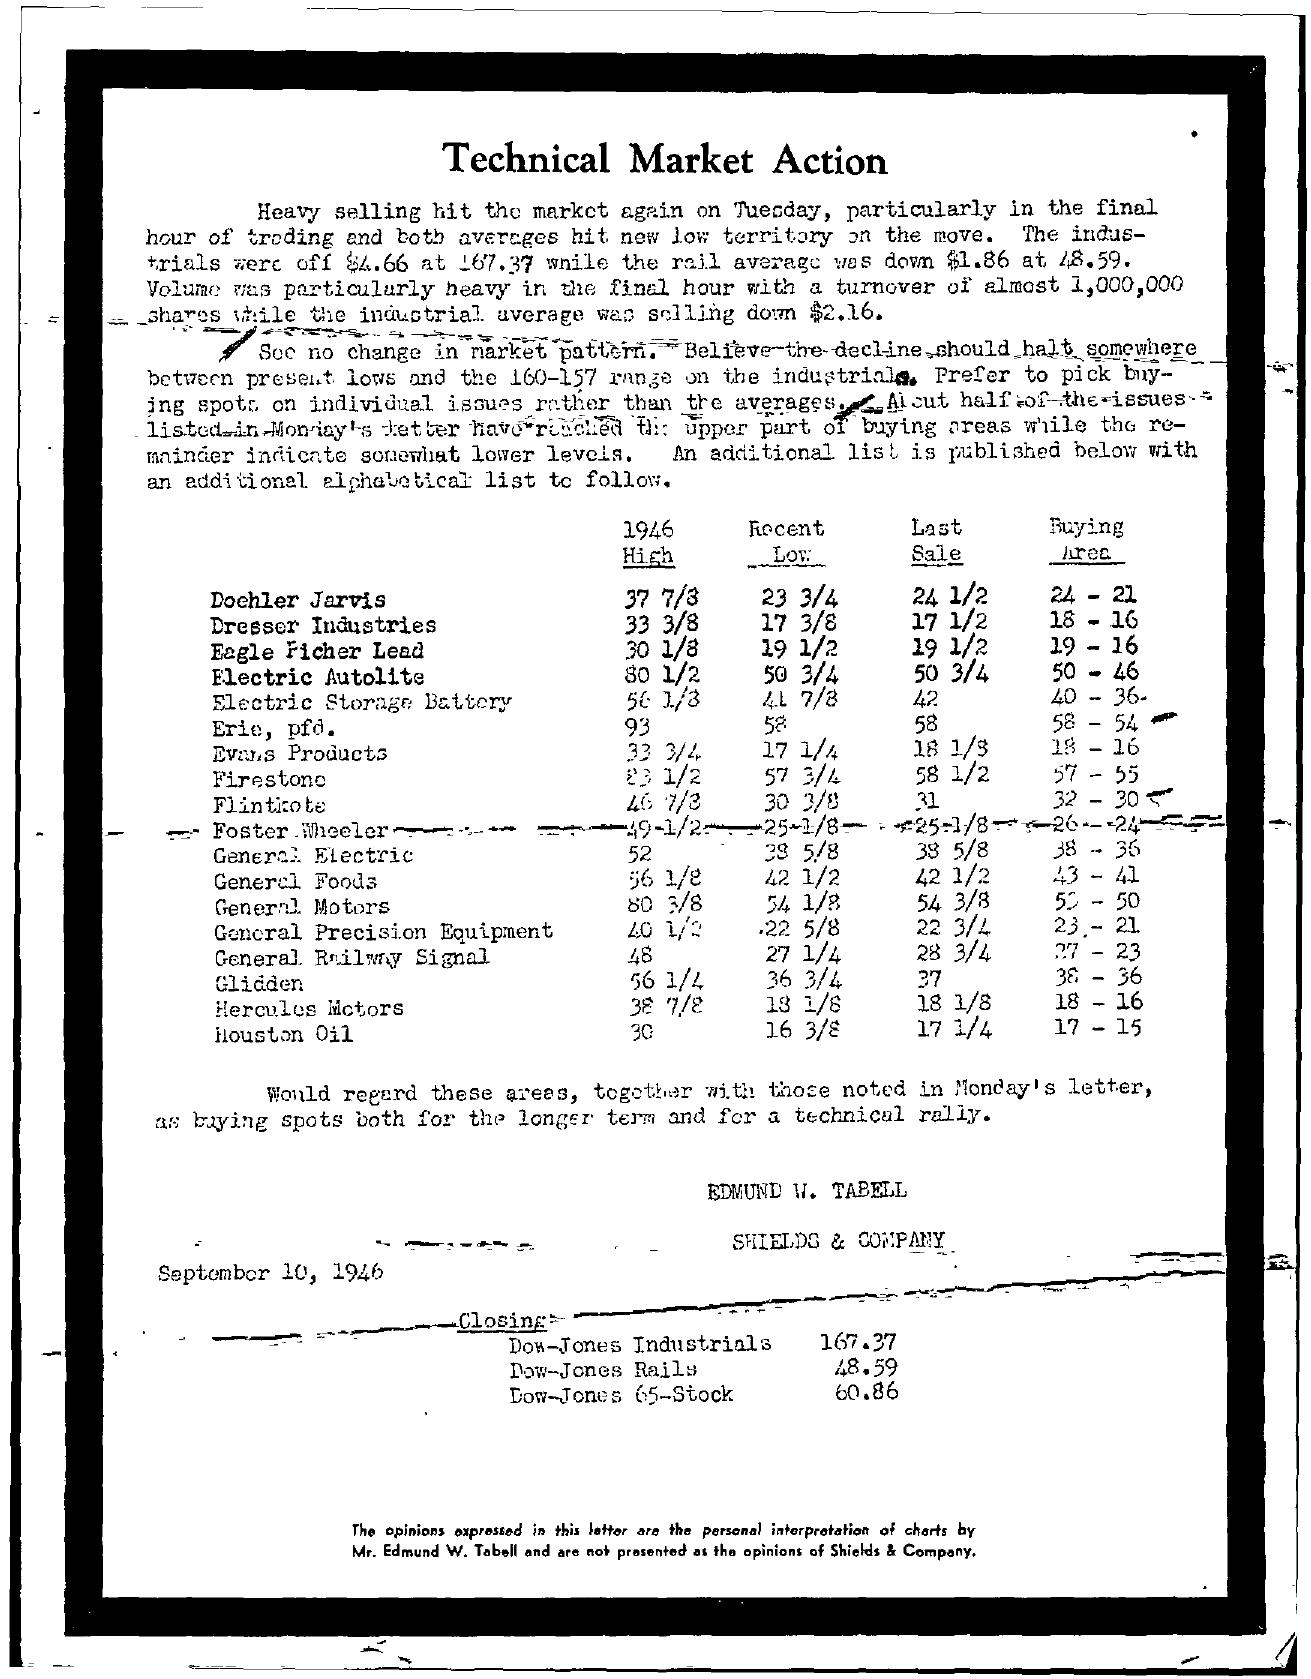 Tabell's Market Letter - September 10, 1946